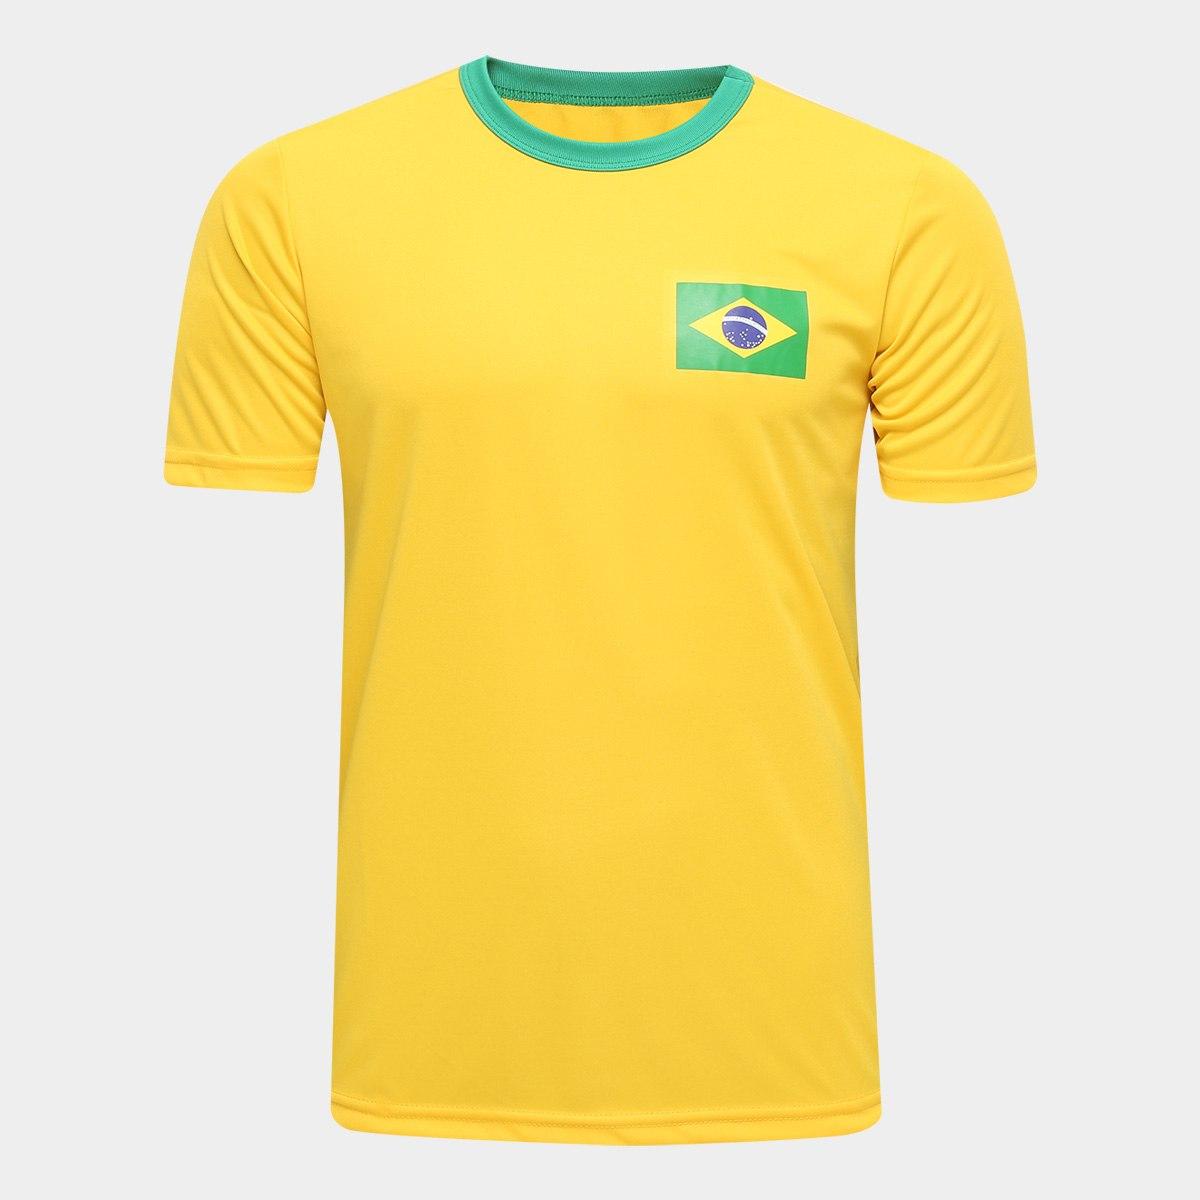 camiseta brasil - Netshoes - Camisa Brasil Torcedor - R$ 49,90